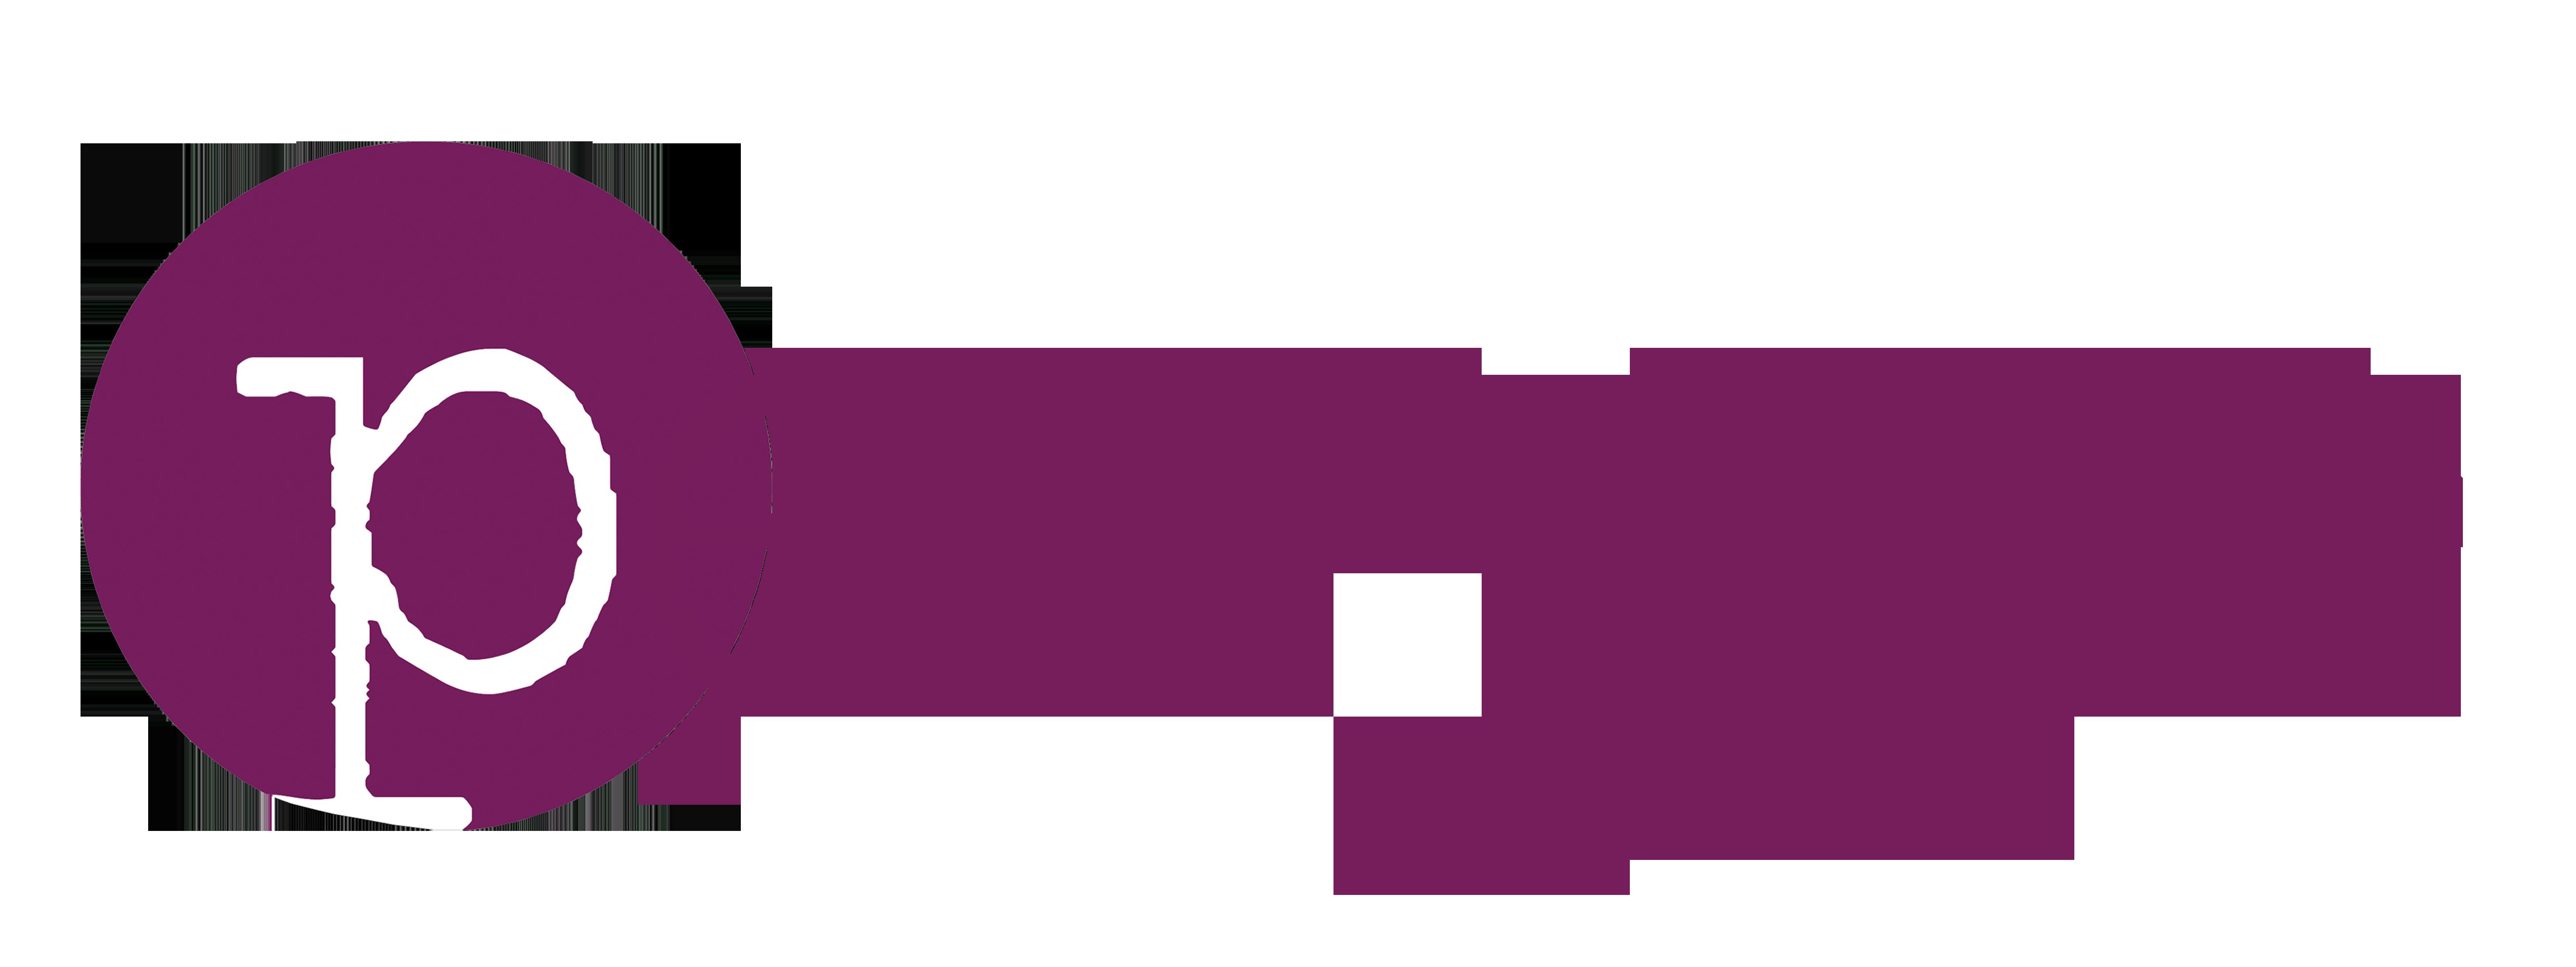 Pevype